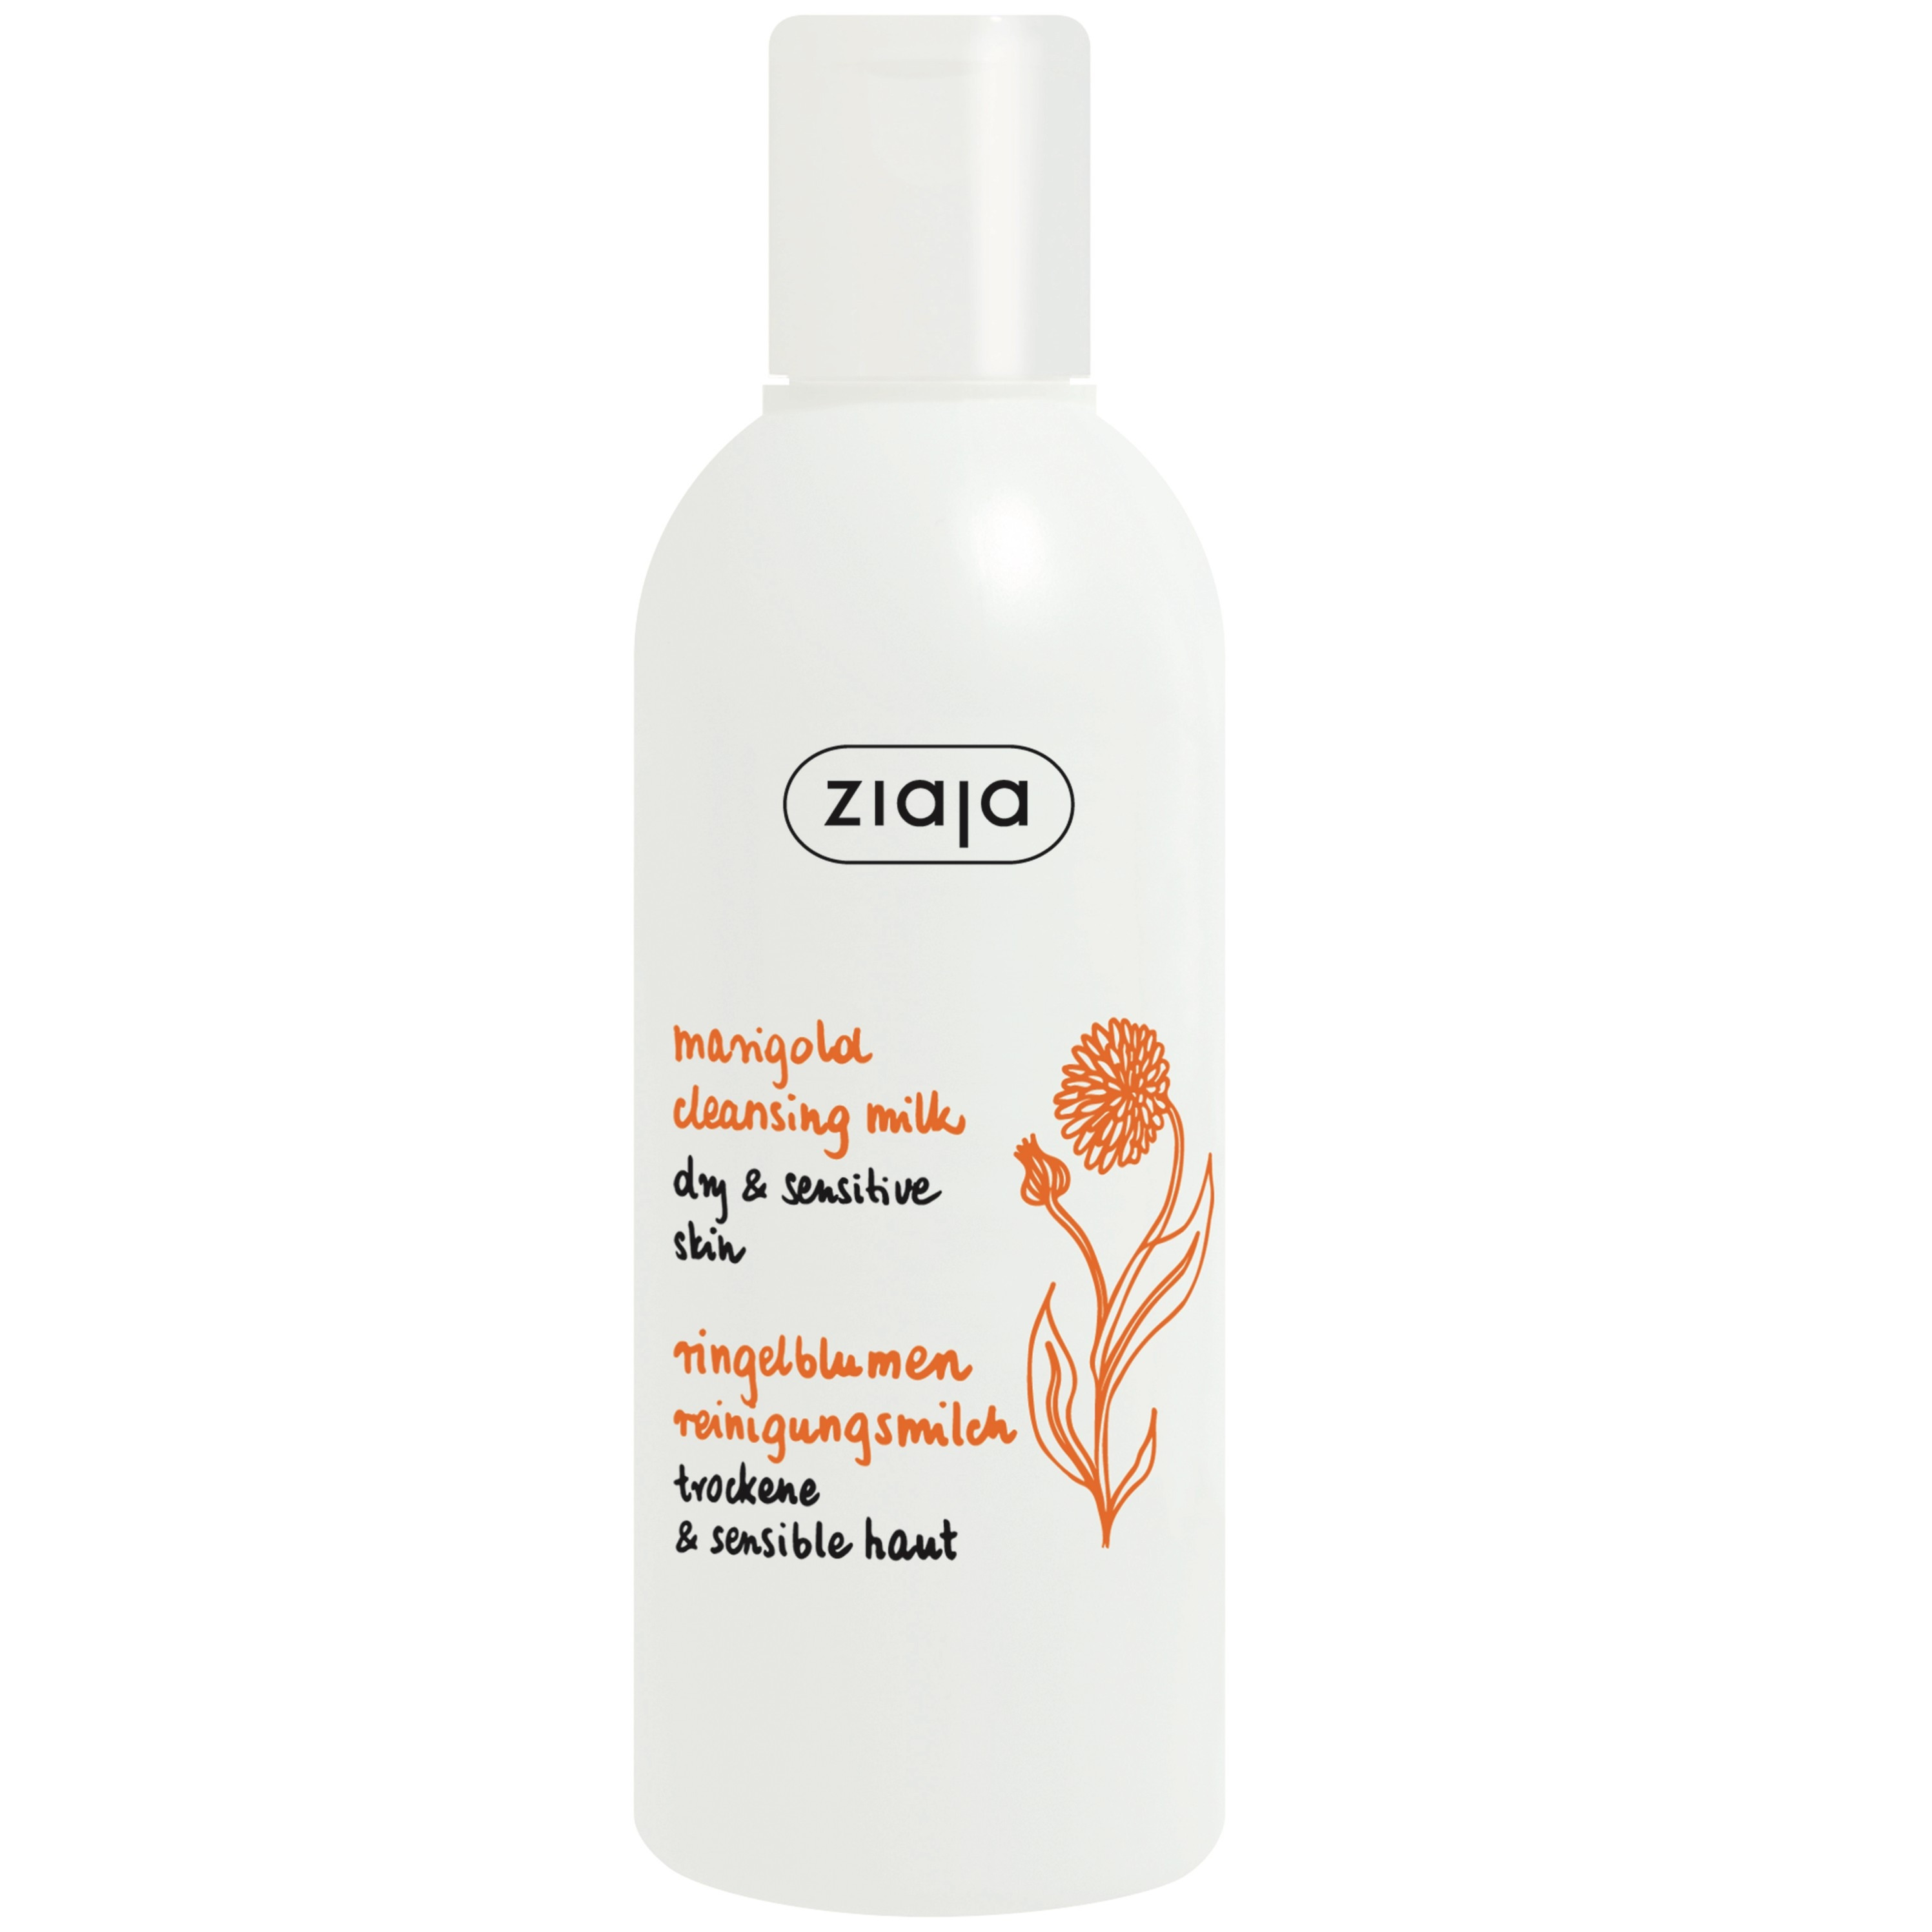 ЖАЯ Почистващо мляко за лице с невен 200мл   ZIAJA Cleansing milk marigold 200ml